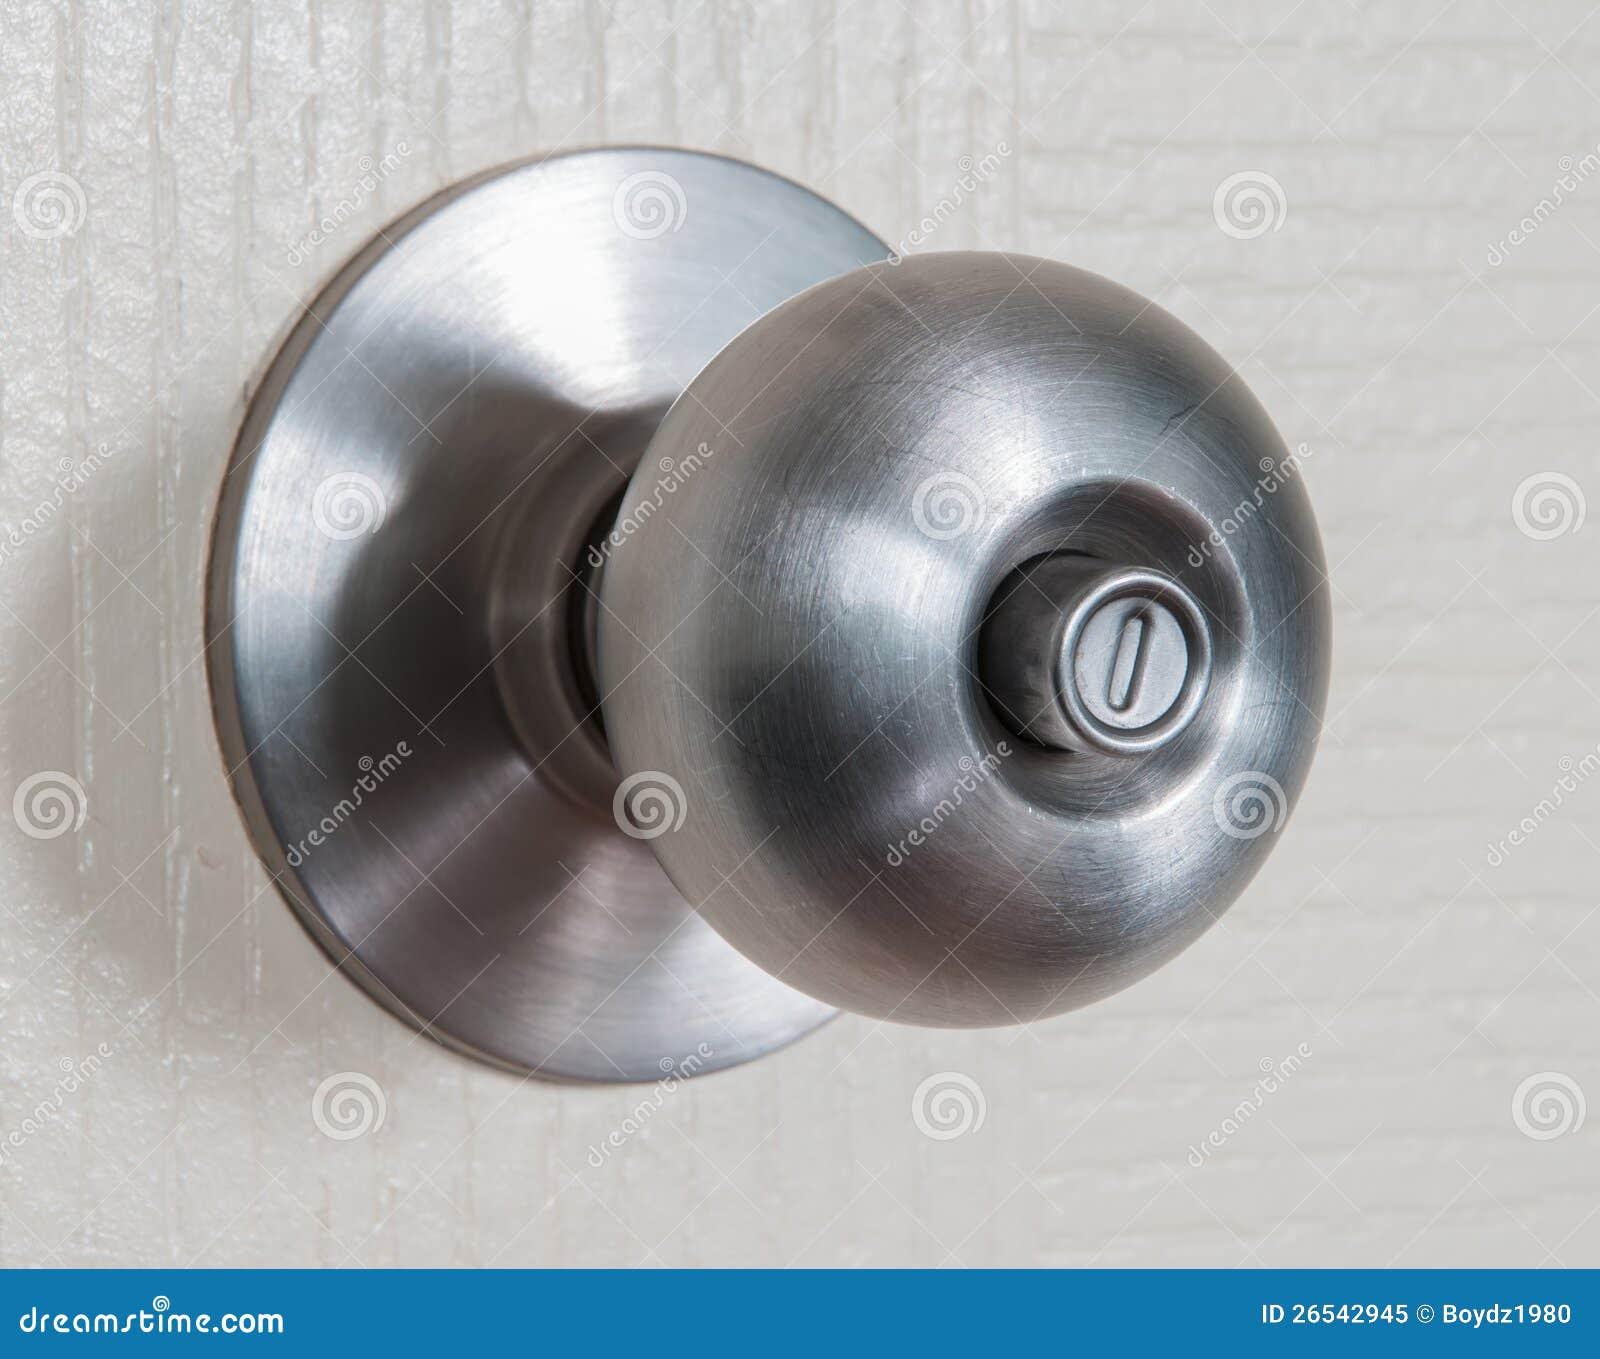 Door knob stock image. Image of shiny, door, aluminum - 26542945